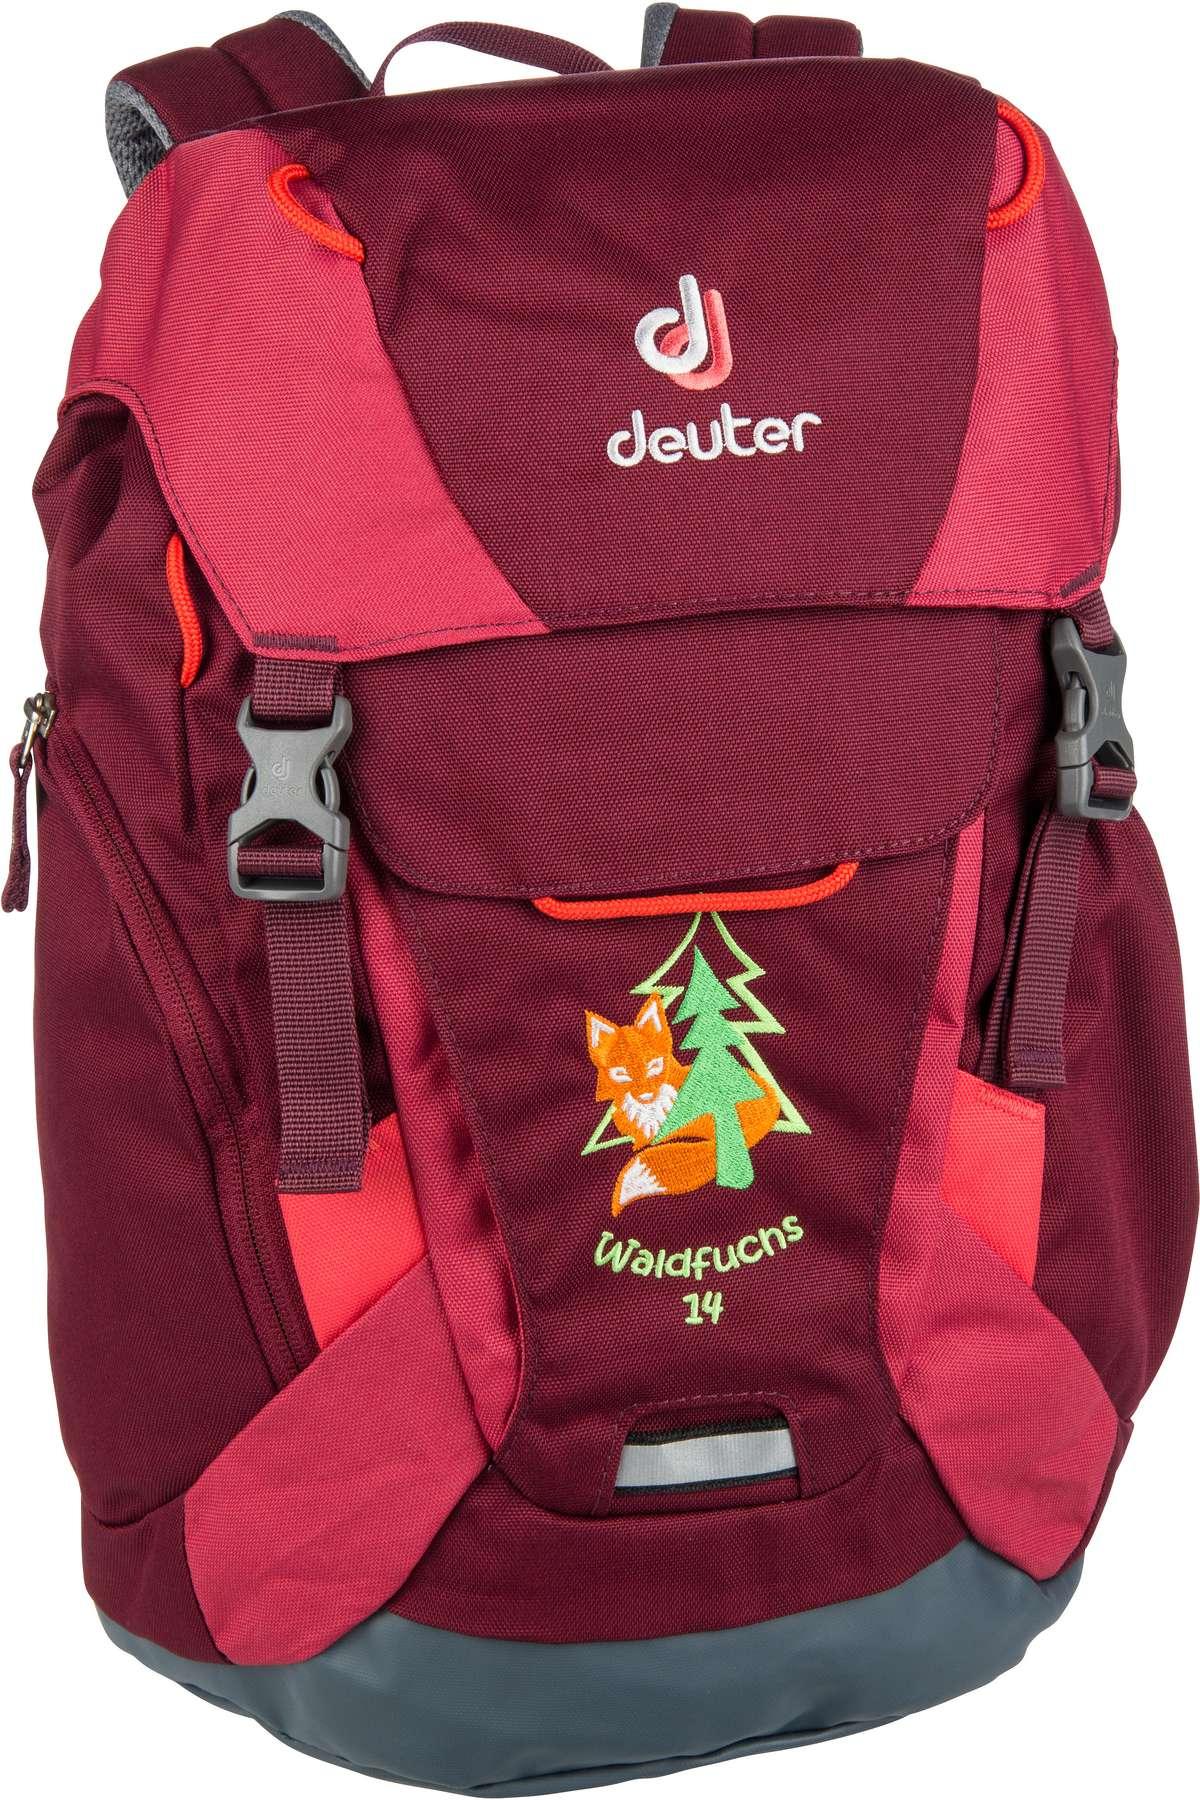 Rucksack / Daypack Waldfuchs 14 Maron/Cardinal (14 Liter)